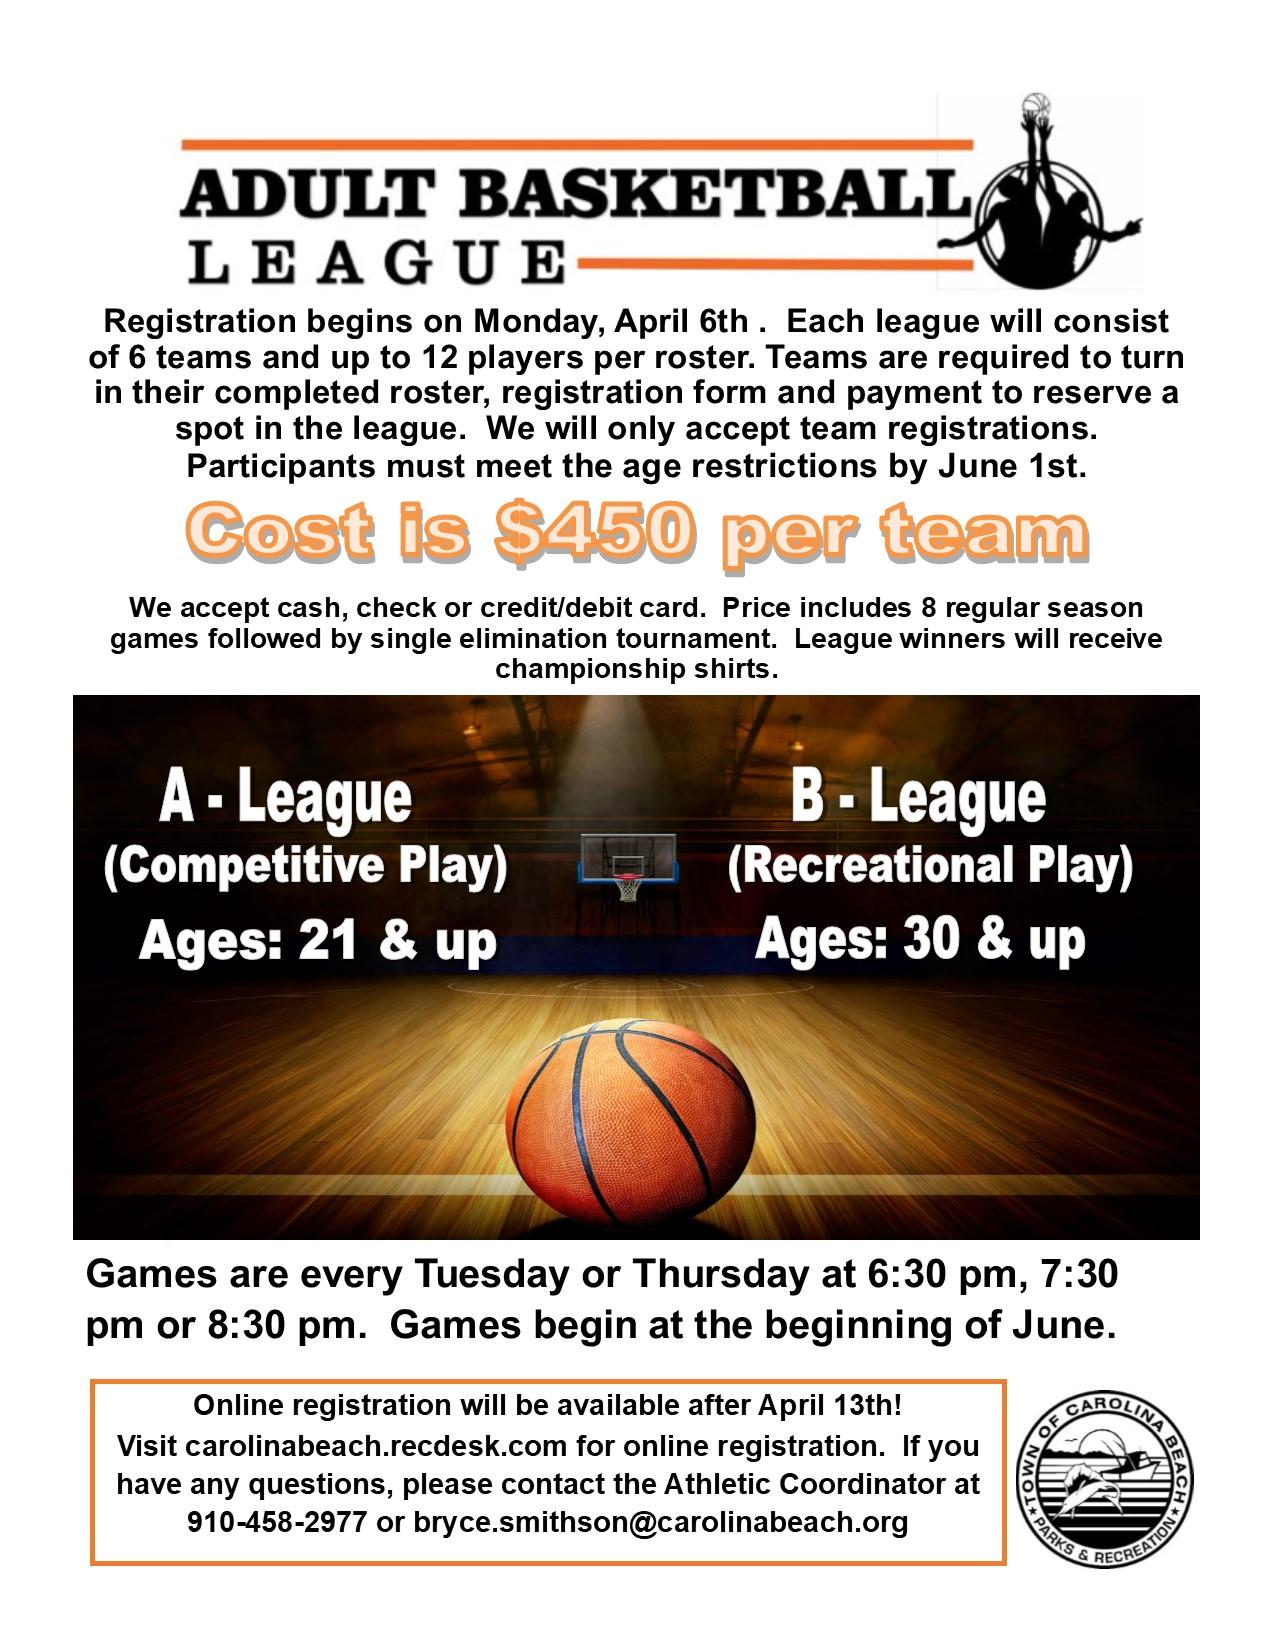 Adult League Flyer